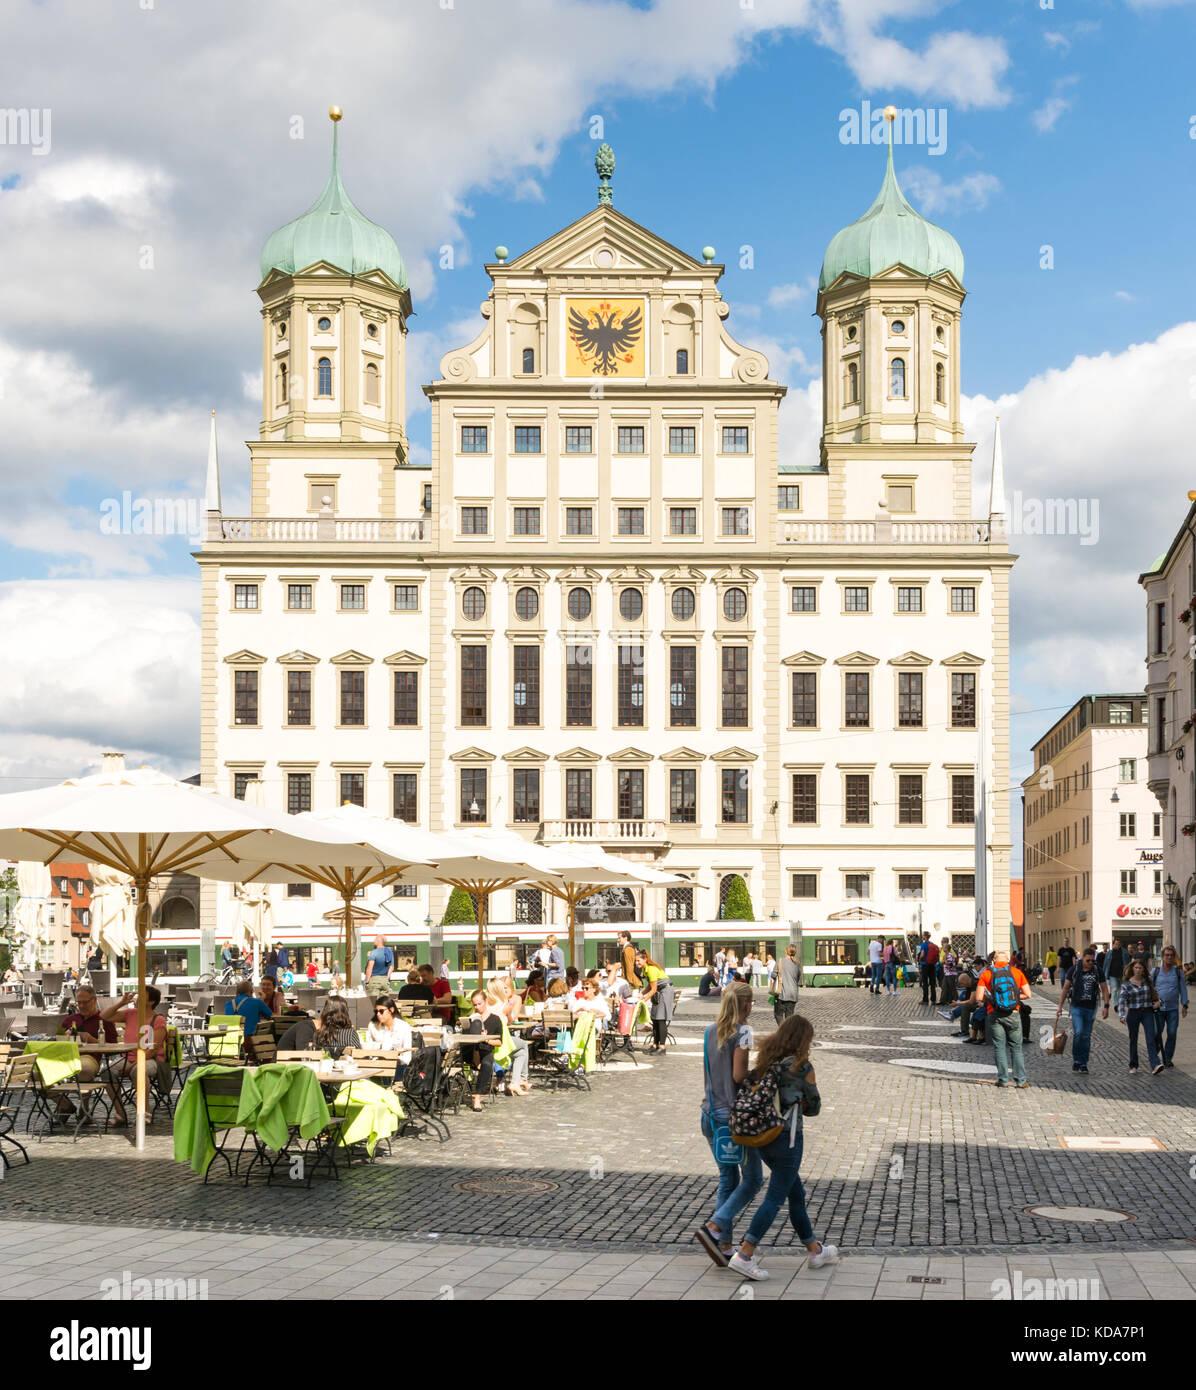 Augsburg, Deutschland - 19. August: Touristen am Rathausplatz in Augsburg, Deutschland Am 19. August 2017. Augsburg Stockbild